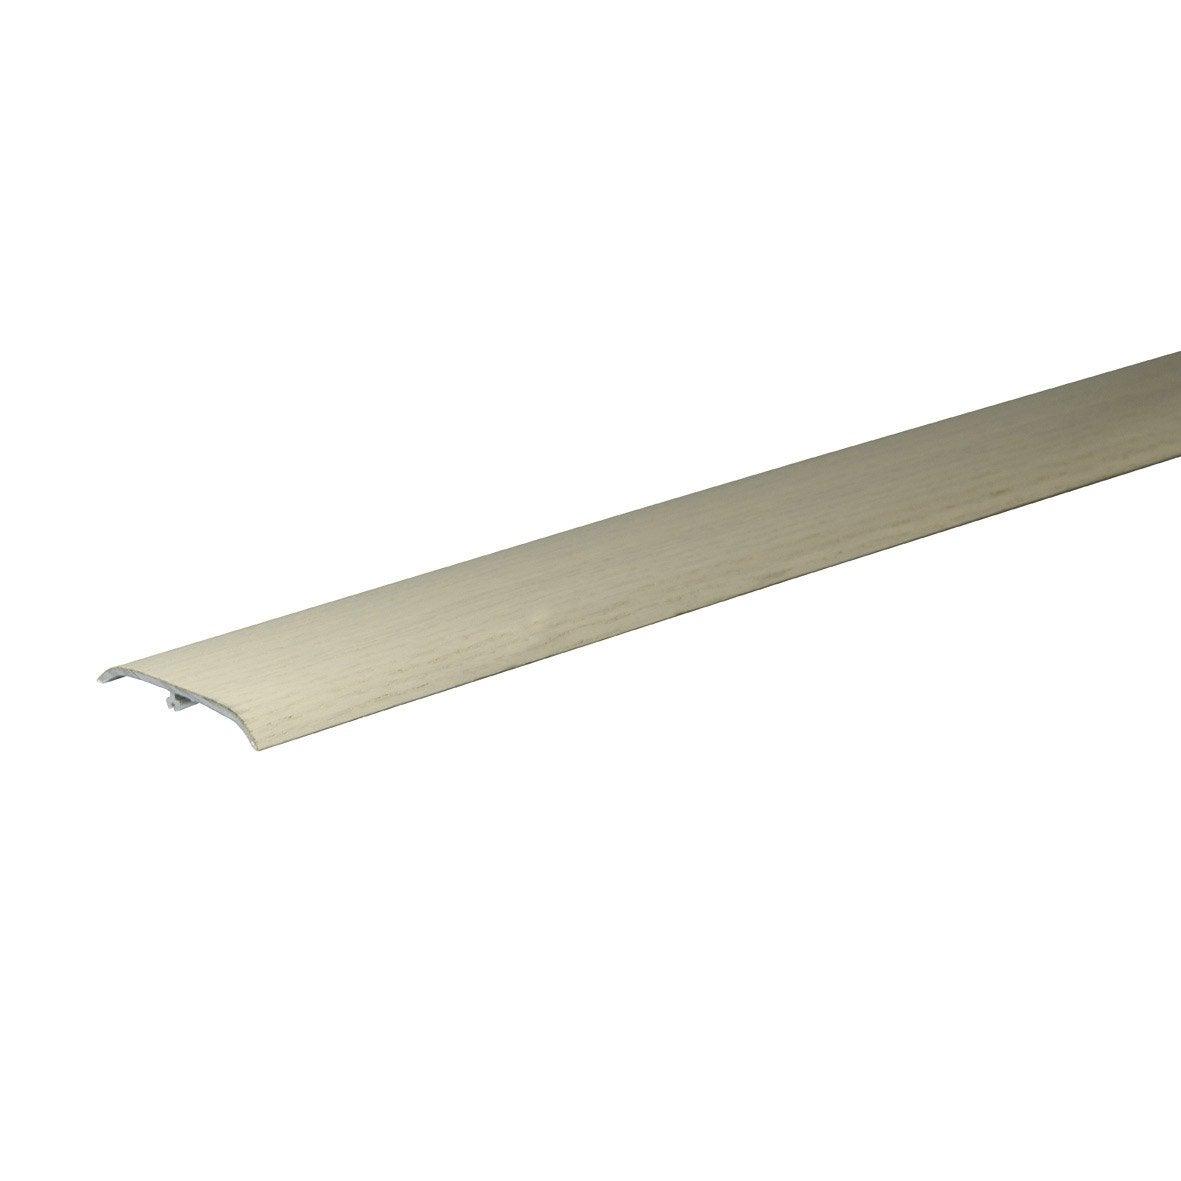 Barre De Seuil Parquet barre de seuil plaquée chêne polaire pour parquet, l.83 cm x l.47 mm